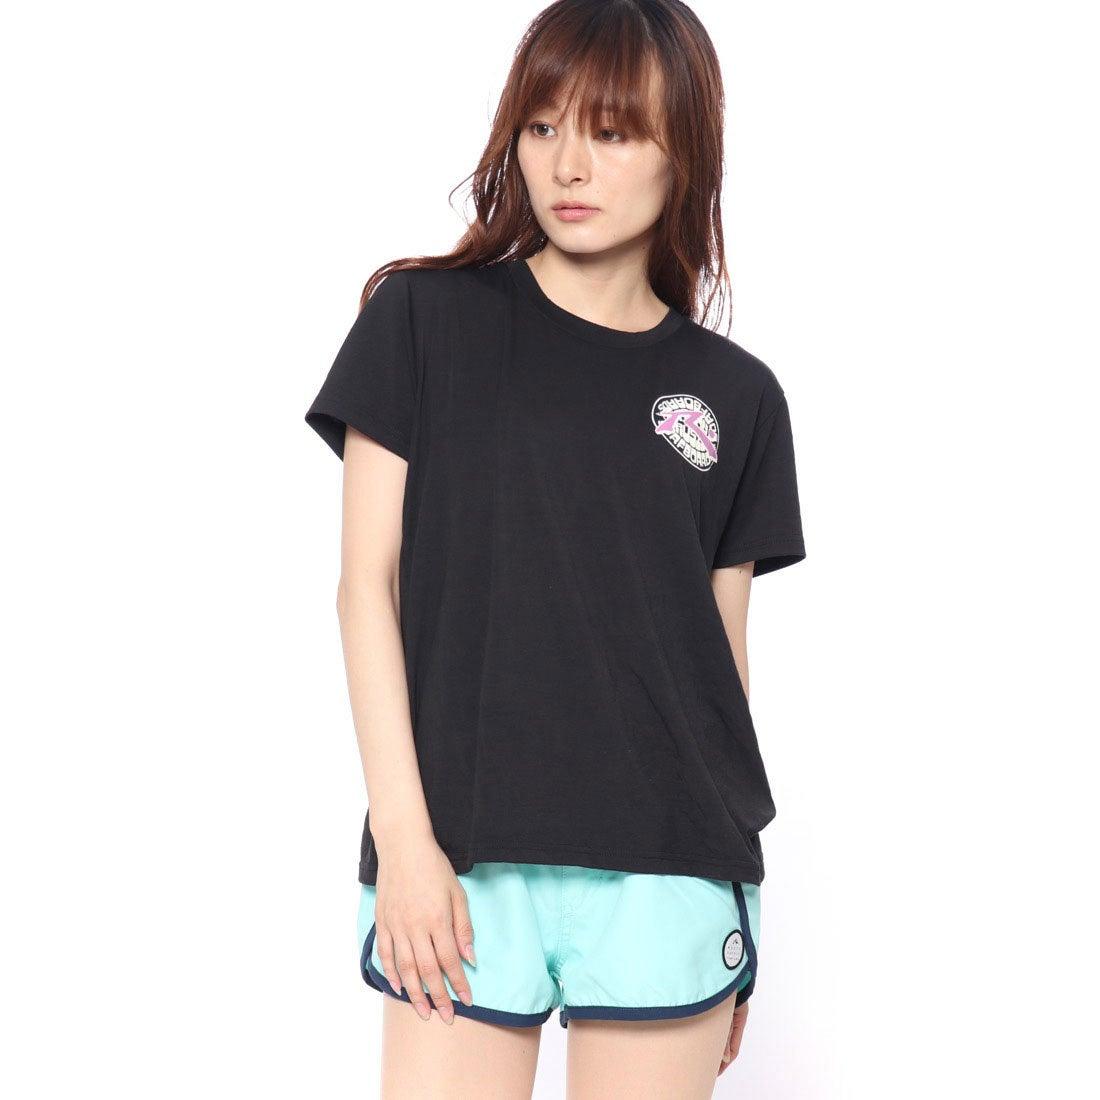 ラスティRUSTYレディスUVTシャツ(BLK)